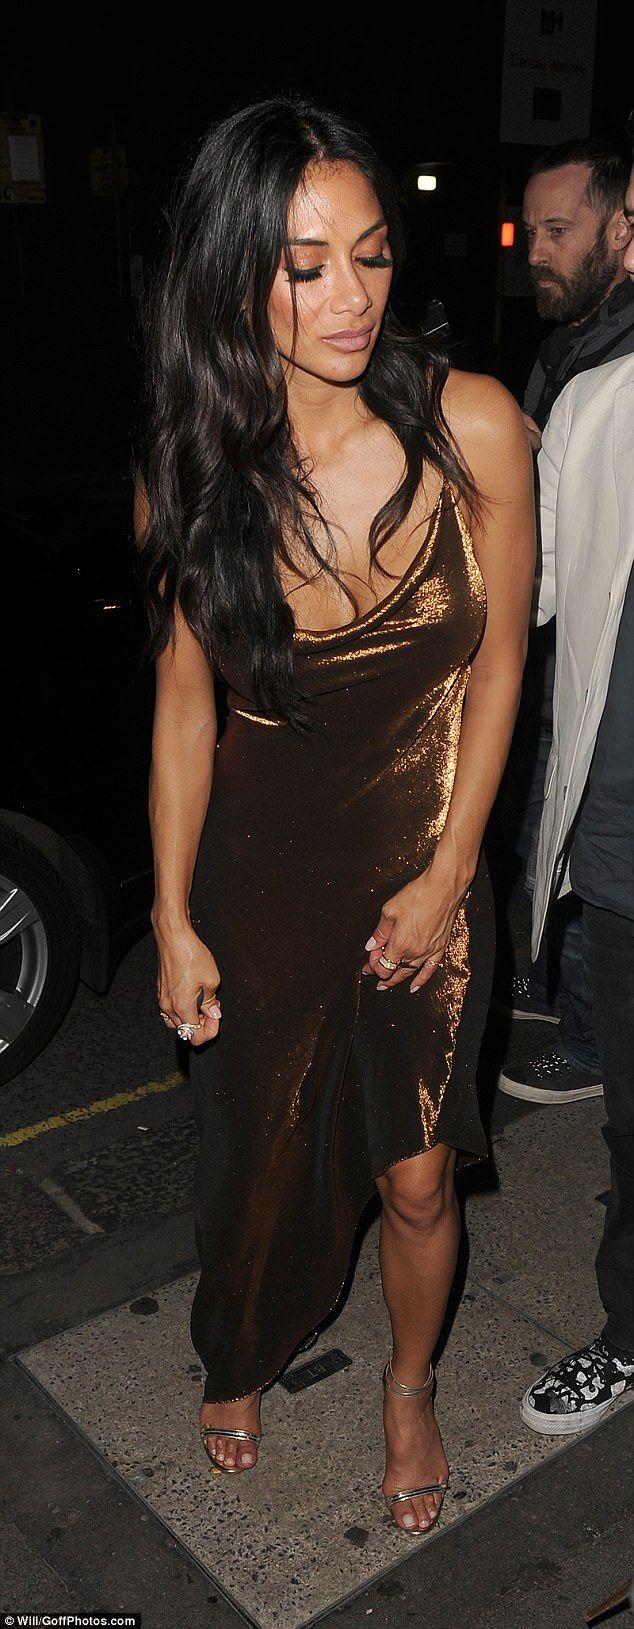 Nicole Scherzinger looks worse for wear after night at the Rum Kitchen #dailymail